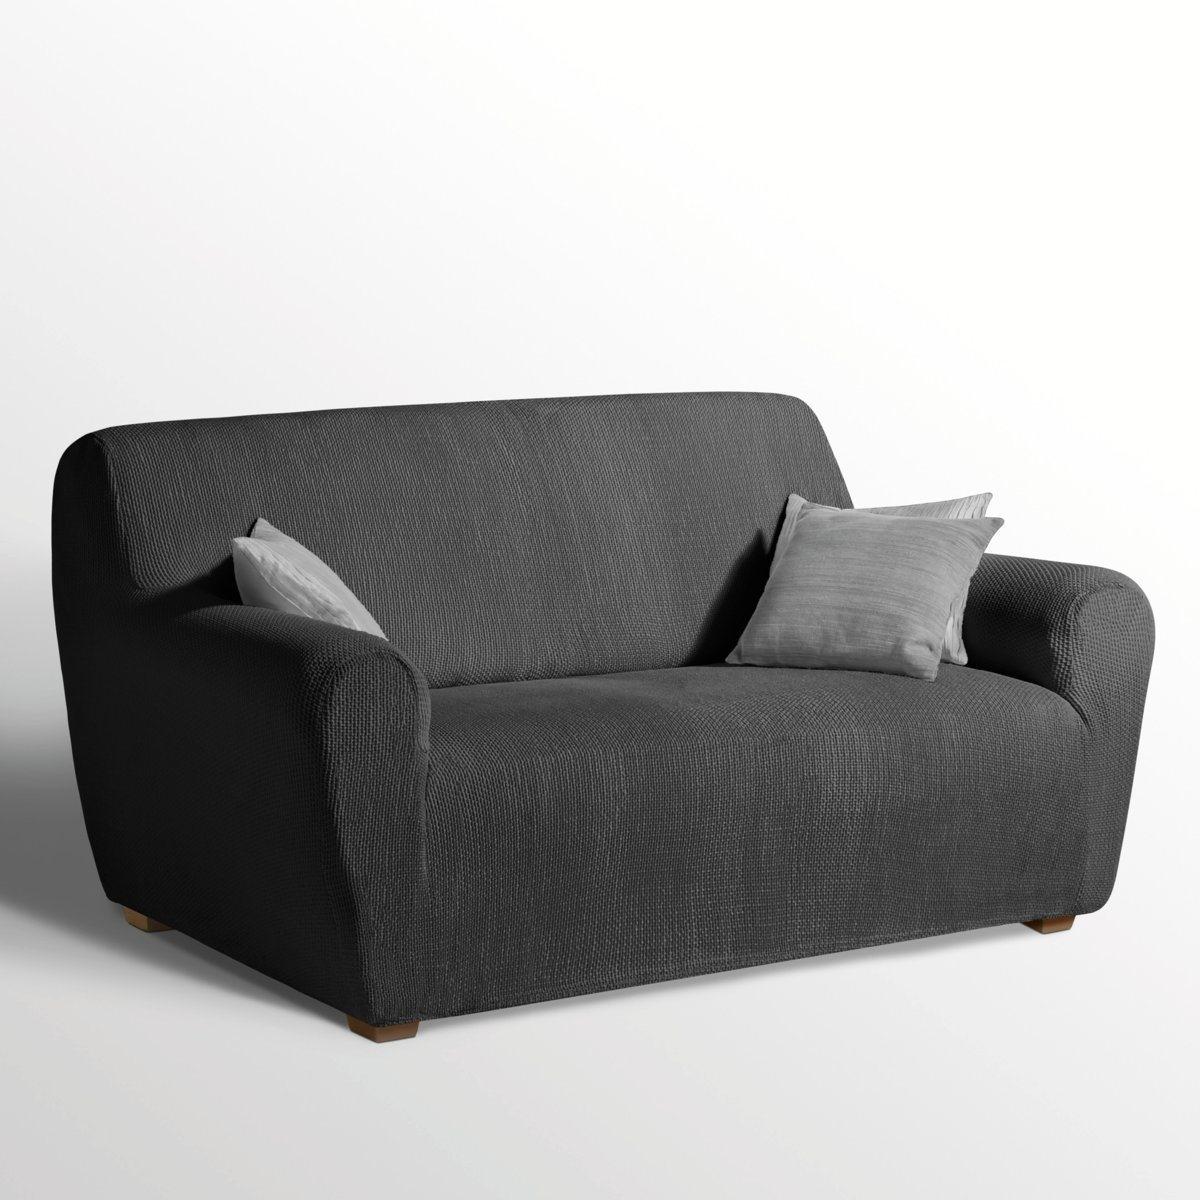 Чехол La Redoute, Черный, Эластичный для кресла и дивана AHMIS 3 местн. черный